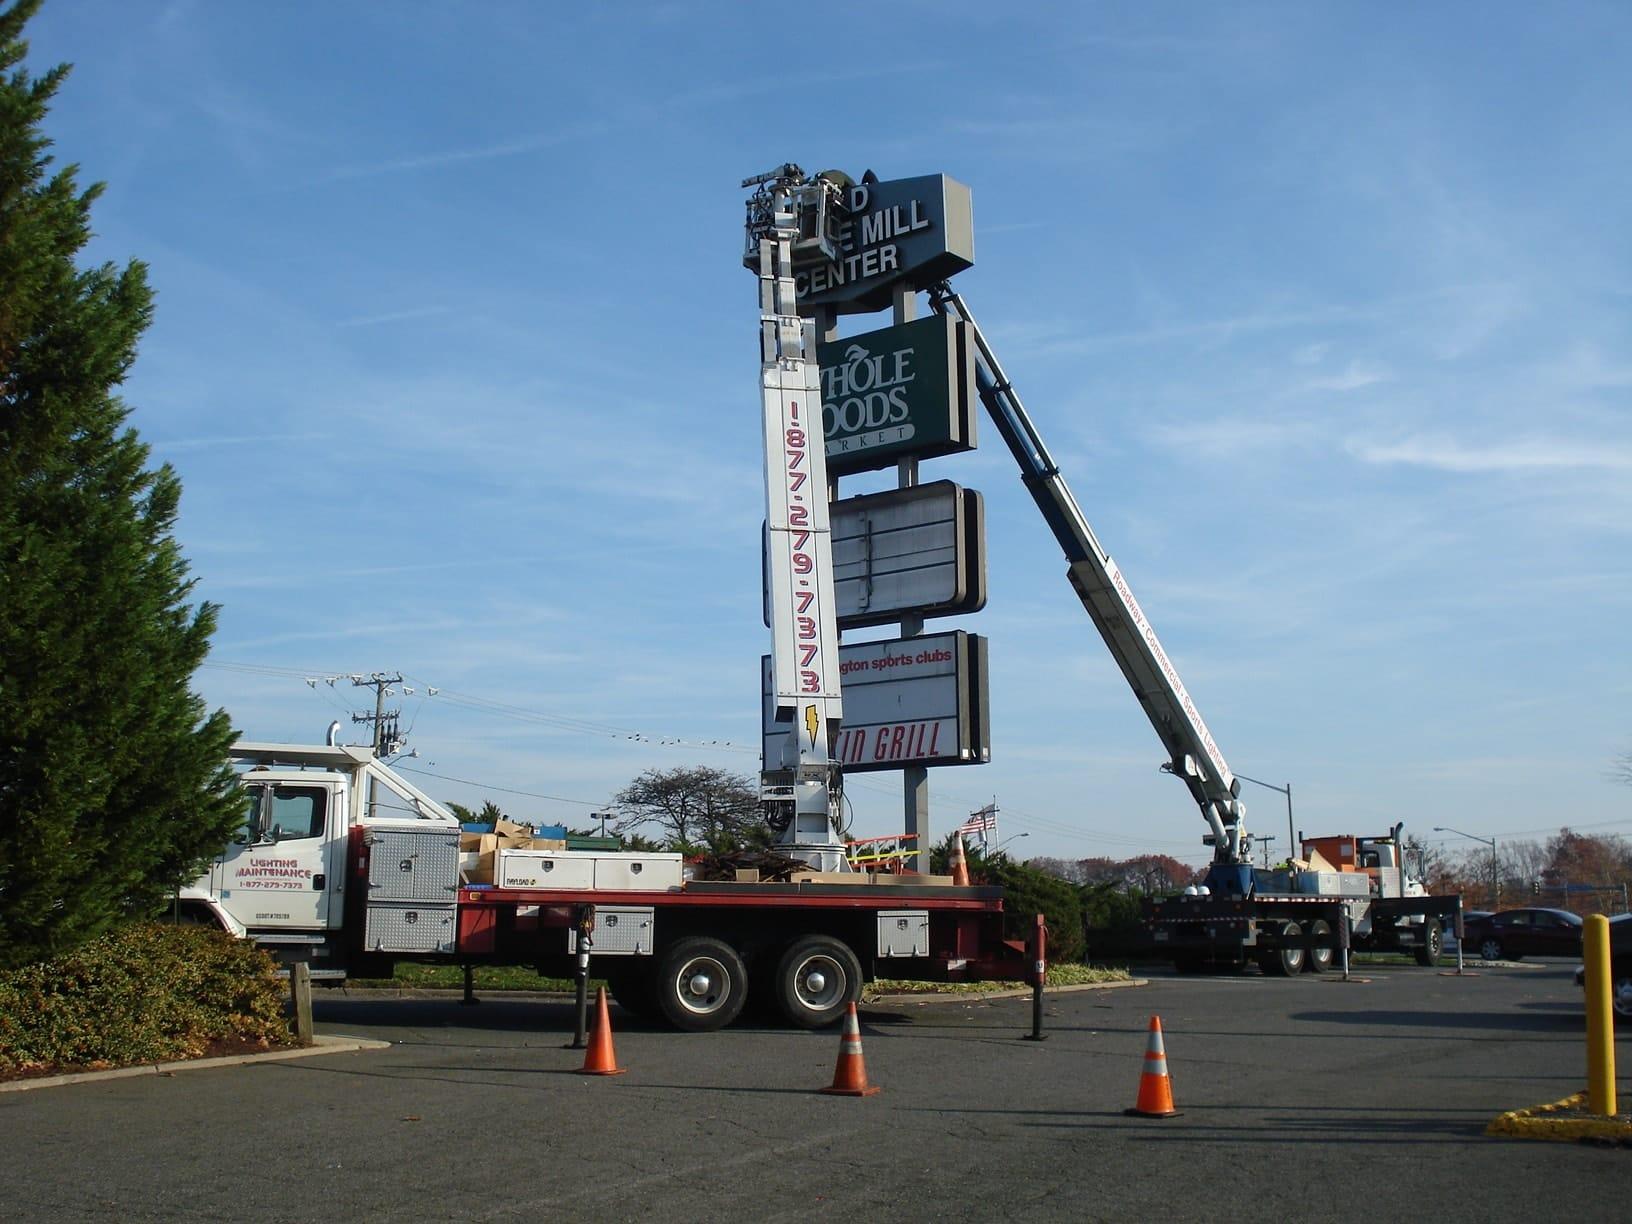 electric-sign-repair